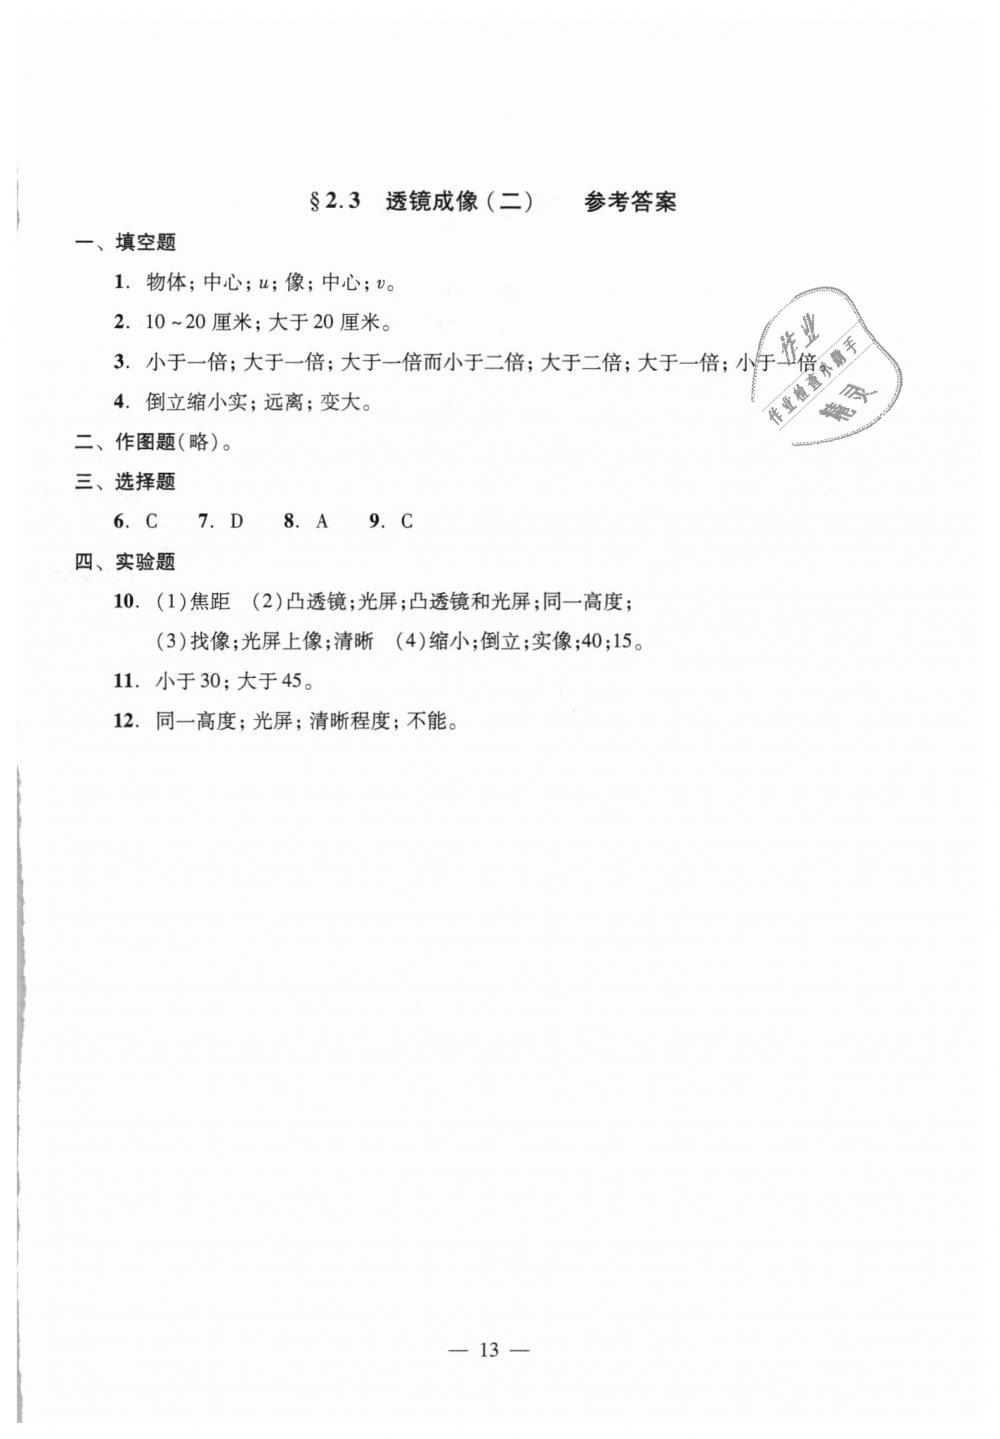 2018年初中物理双基过关堂堂练八年级全一册沪教版第13页